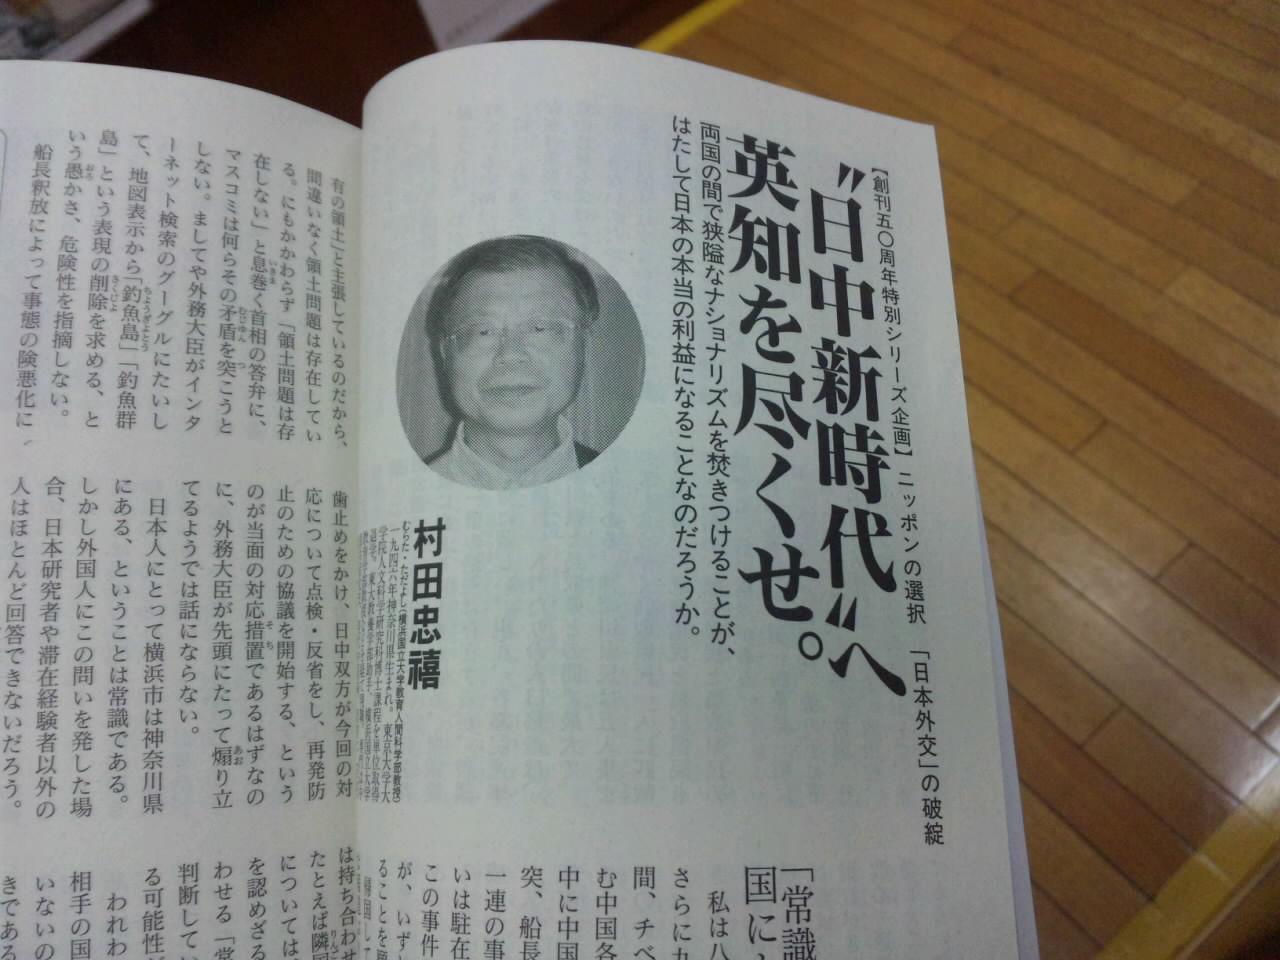 潮12月号に寄稿 『尖閣列島・釣魚島問題をどう見るか』著者村田忠禧教授_d0027795_1451579.jpg